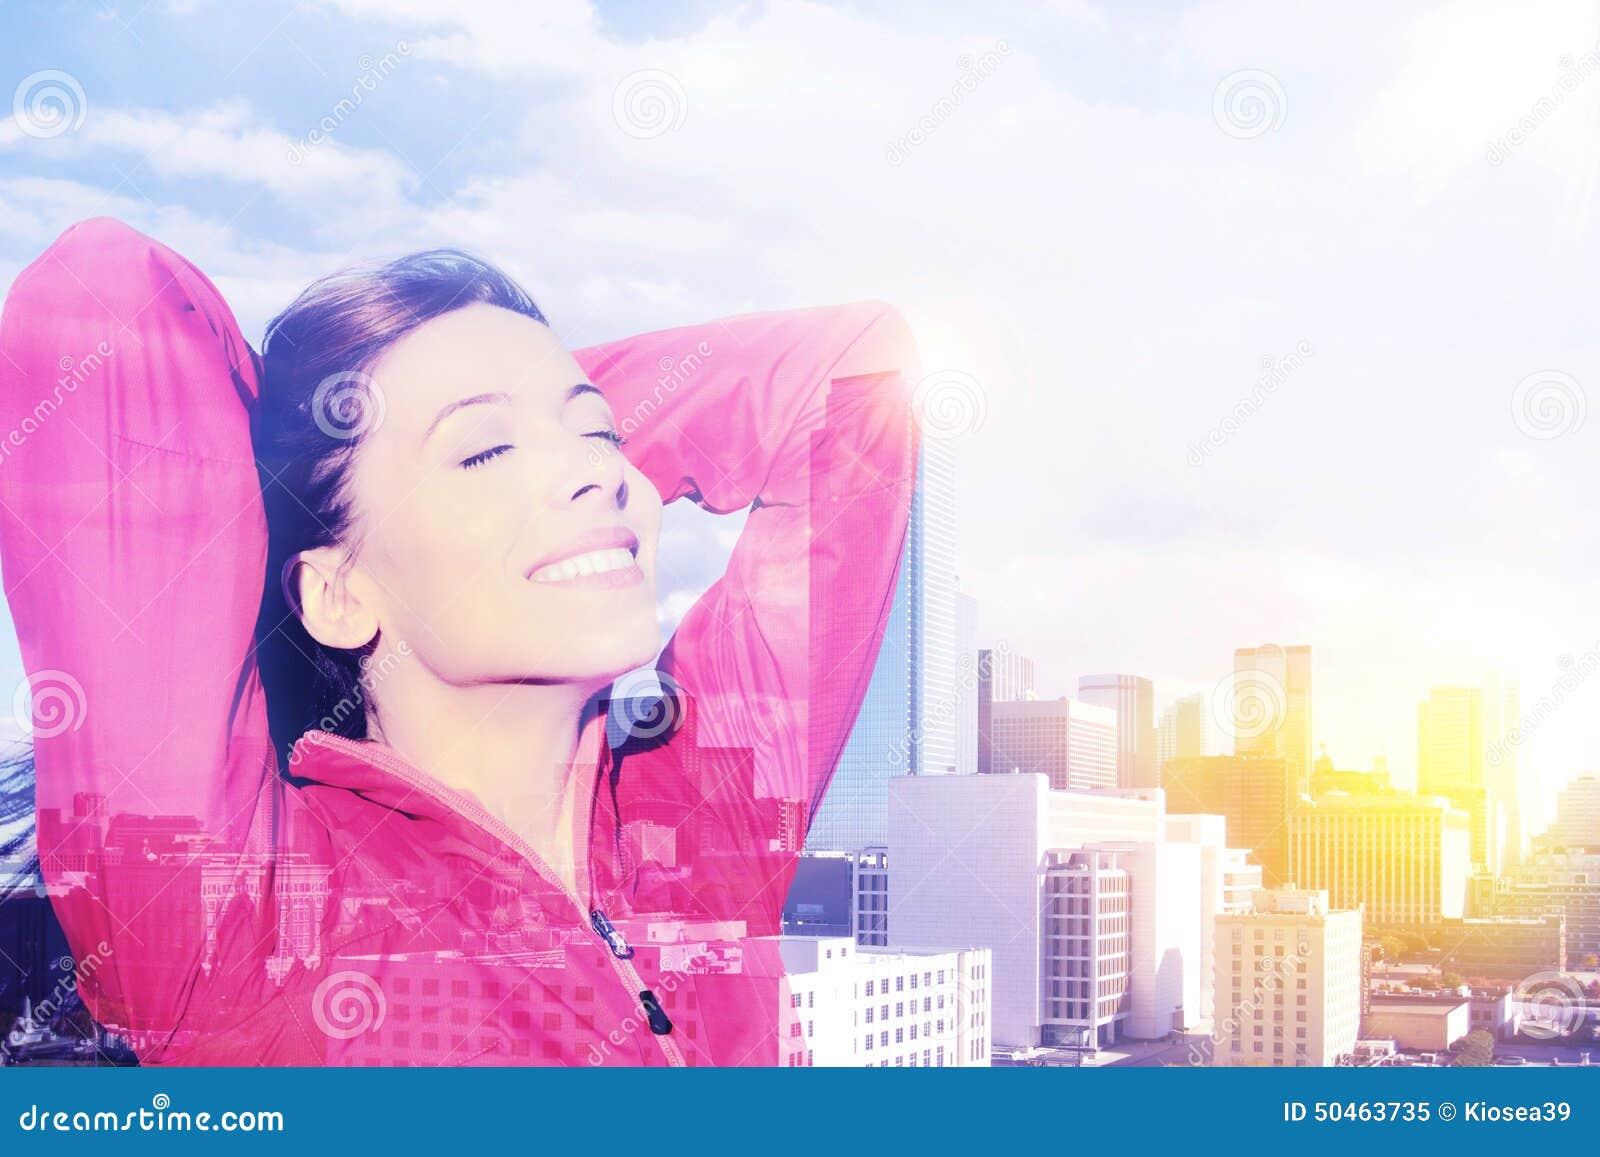 Los brazos felices de la mujer de la ciudad aumentaron en la alegría que tomaba la respiración profunda que celebraba la libertad